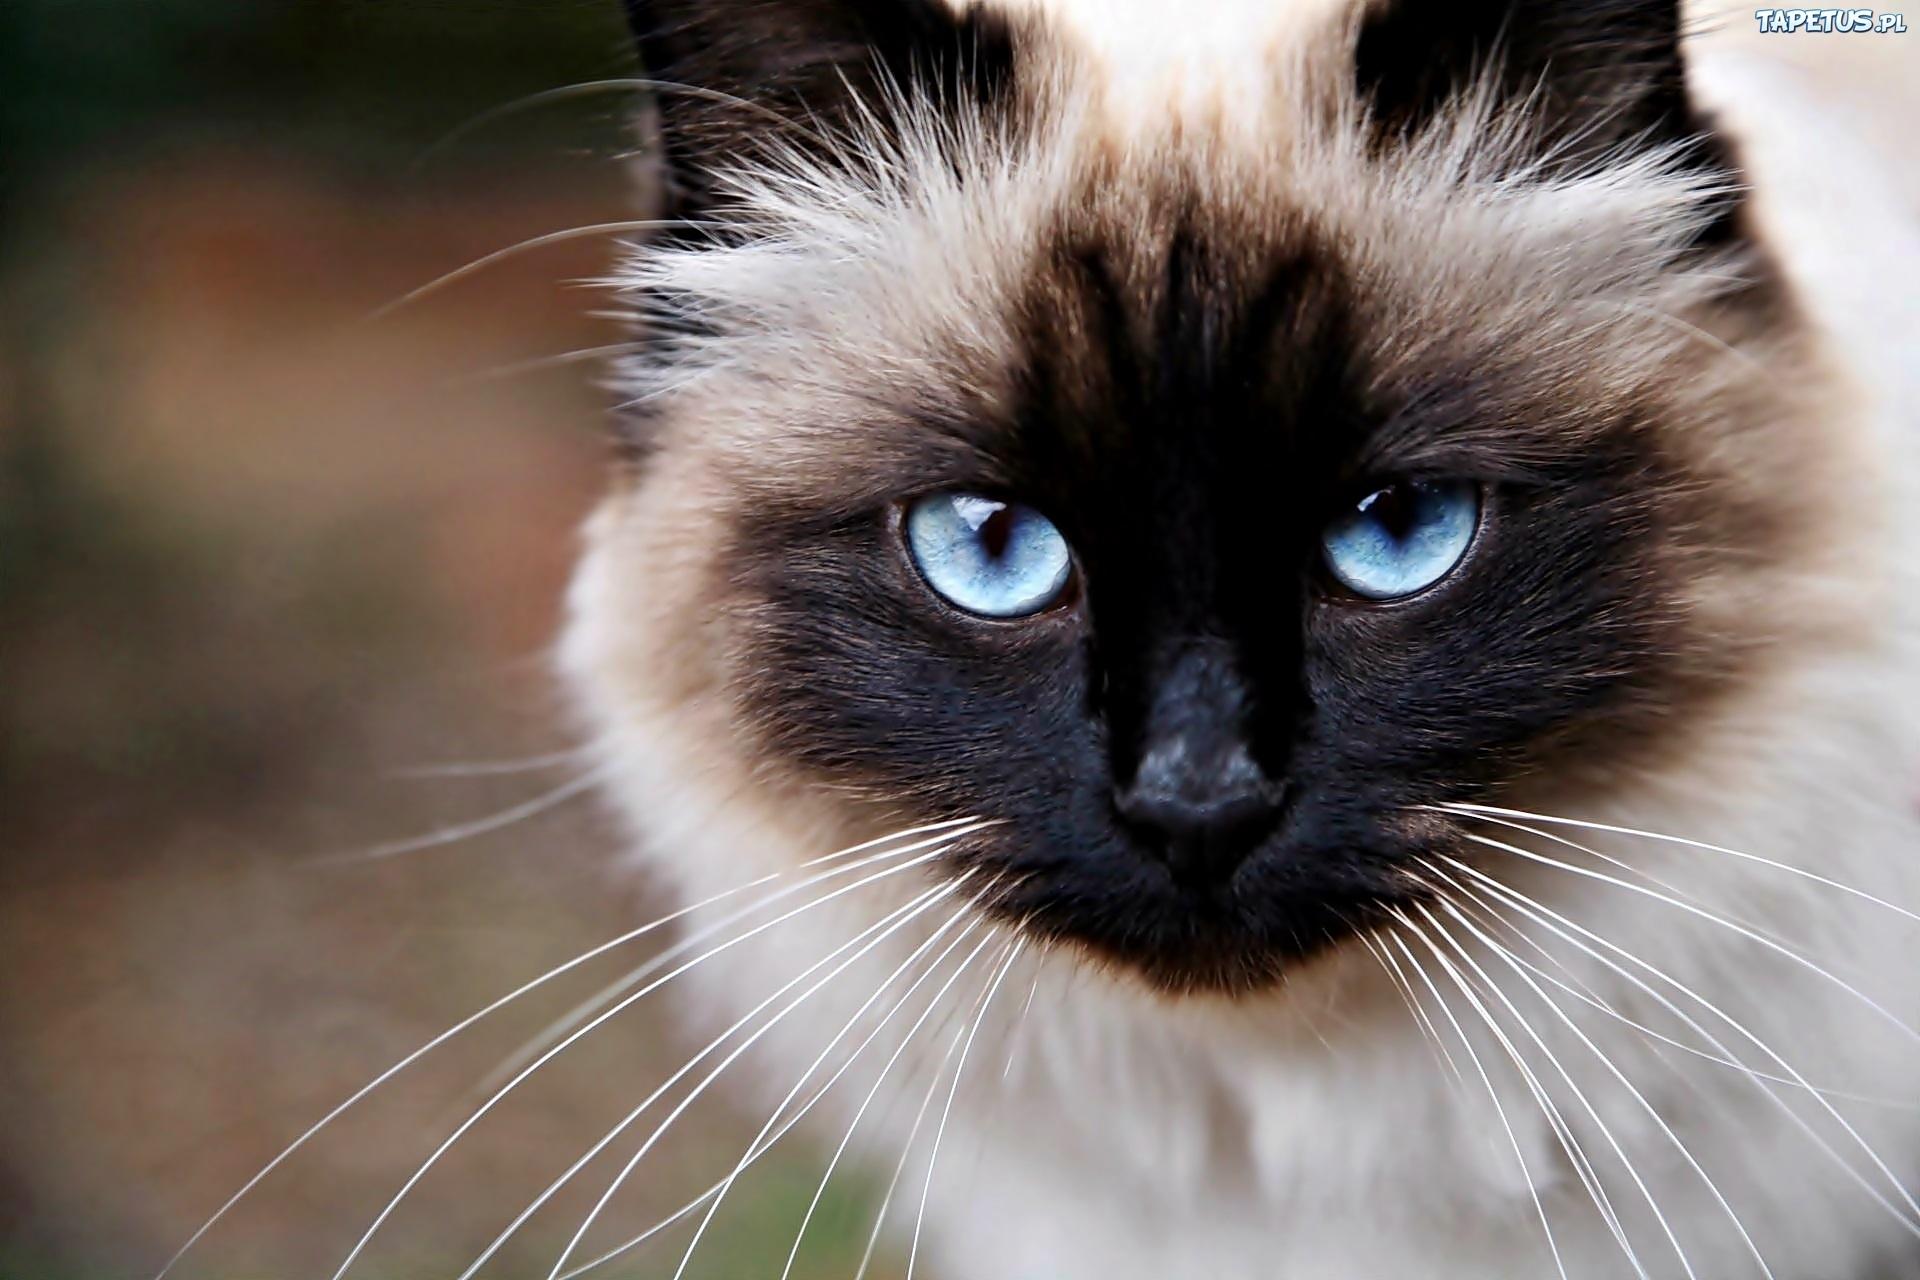 Kot Syjamski Niebieskie Oczy Zbliżenie